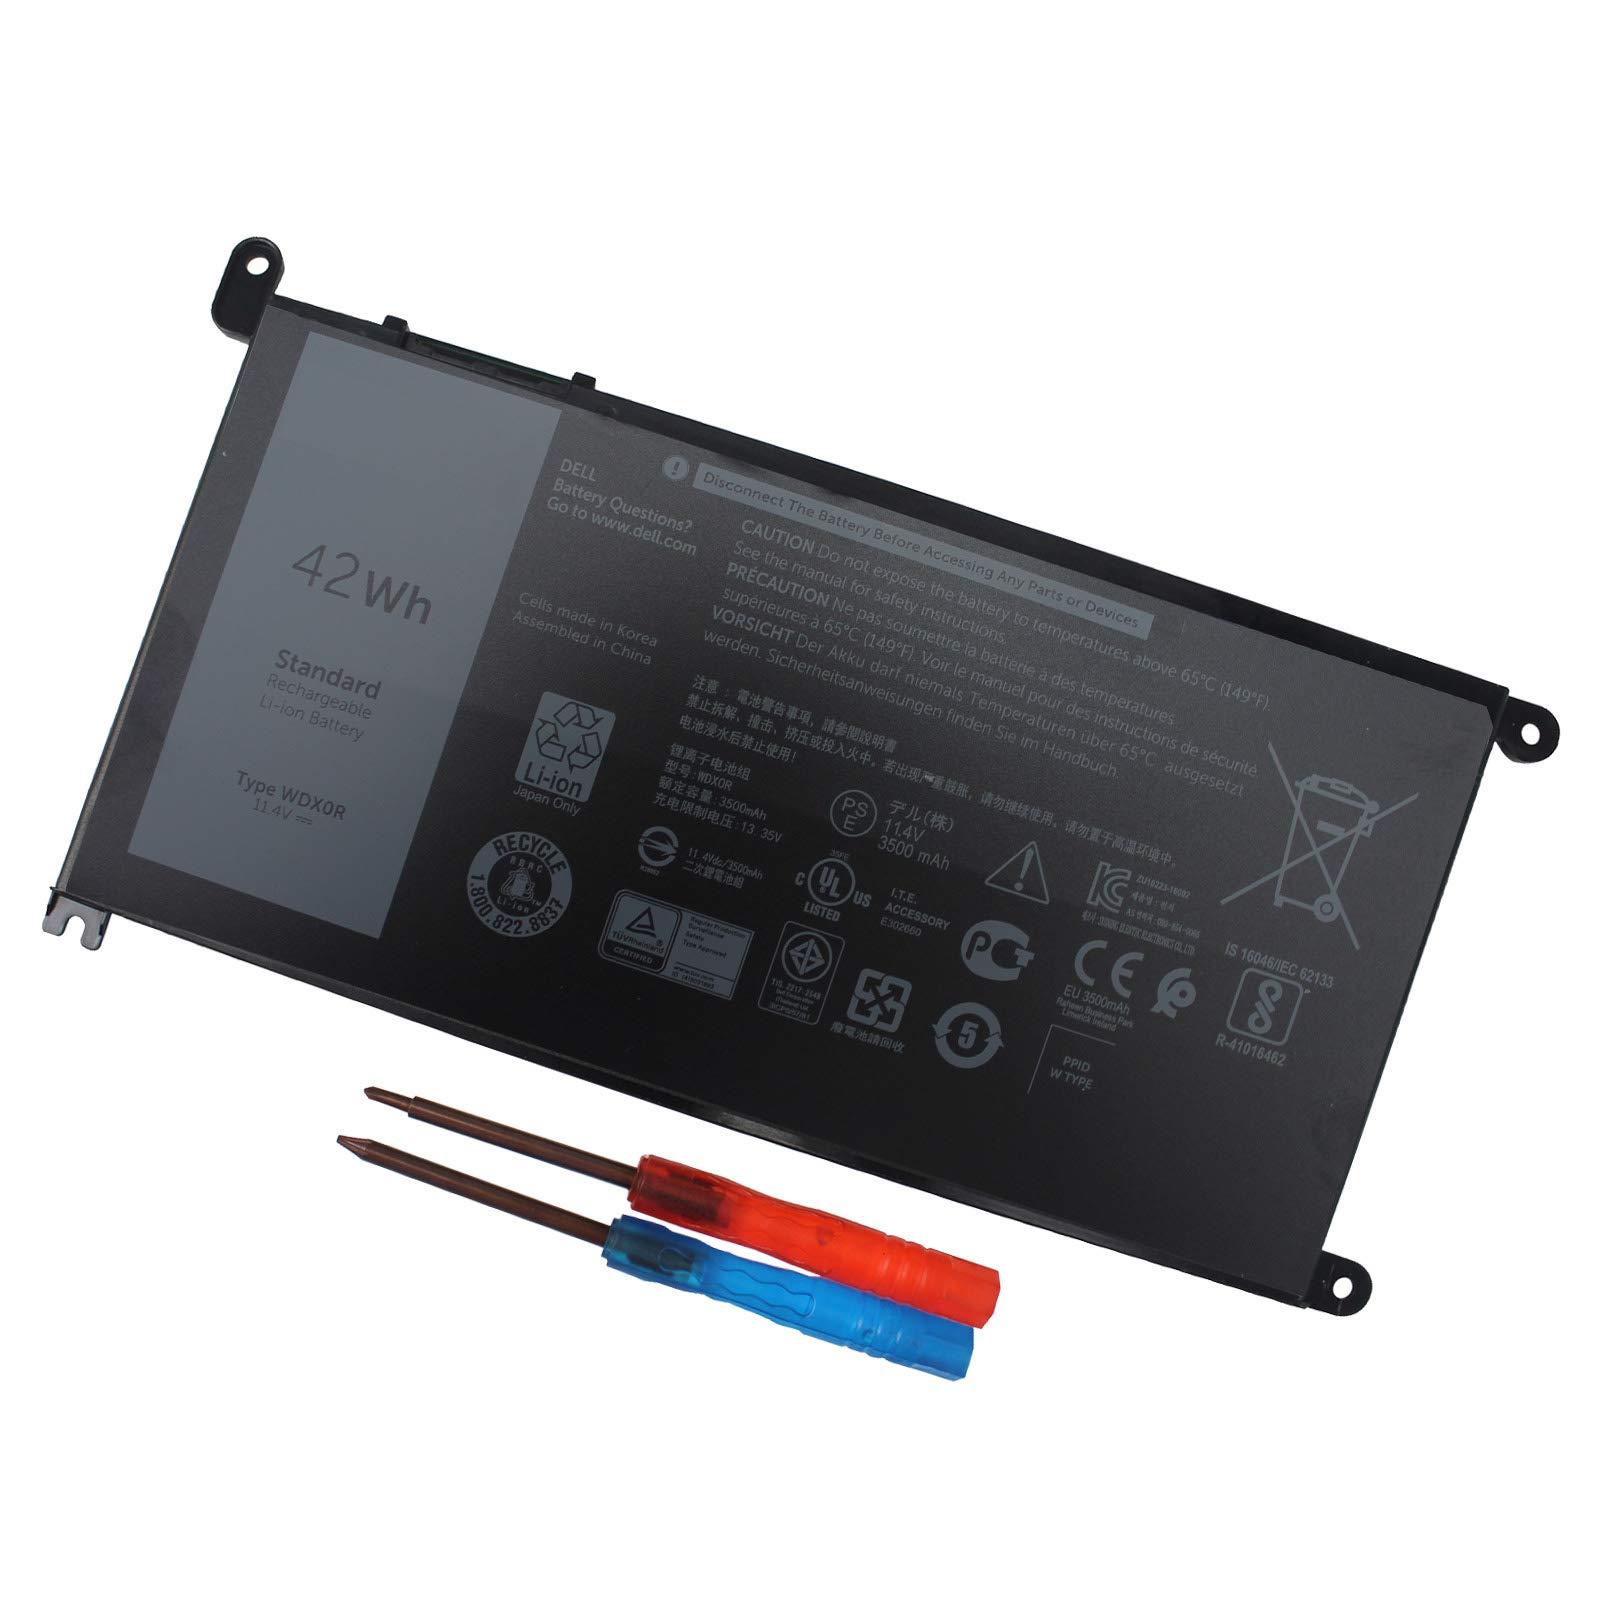 Bateria 42WH WDXOR Dell Inspiron 13 7378 7368 5378 5368 Insp